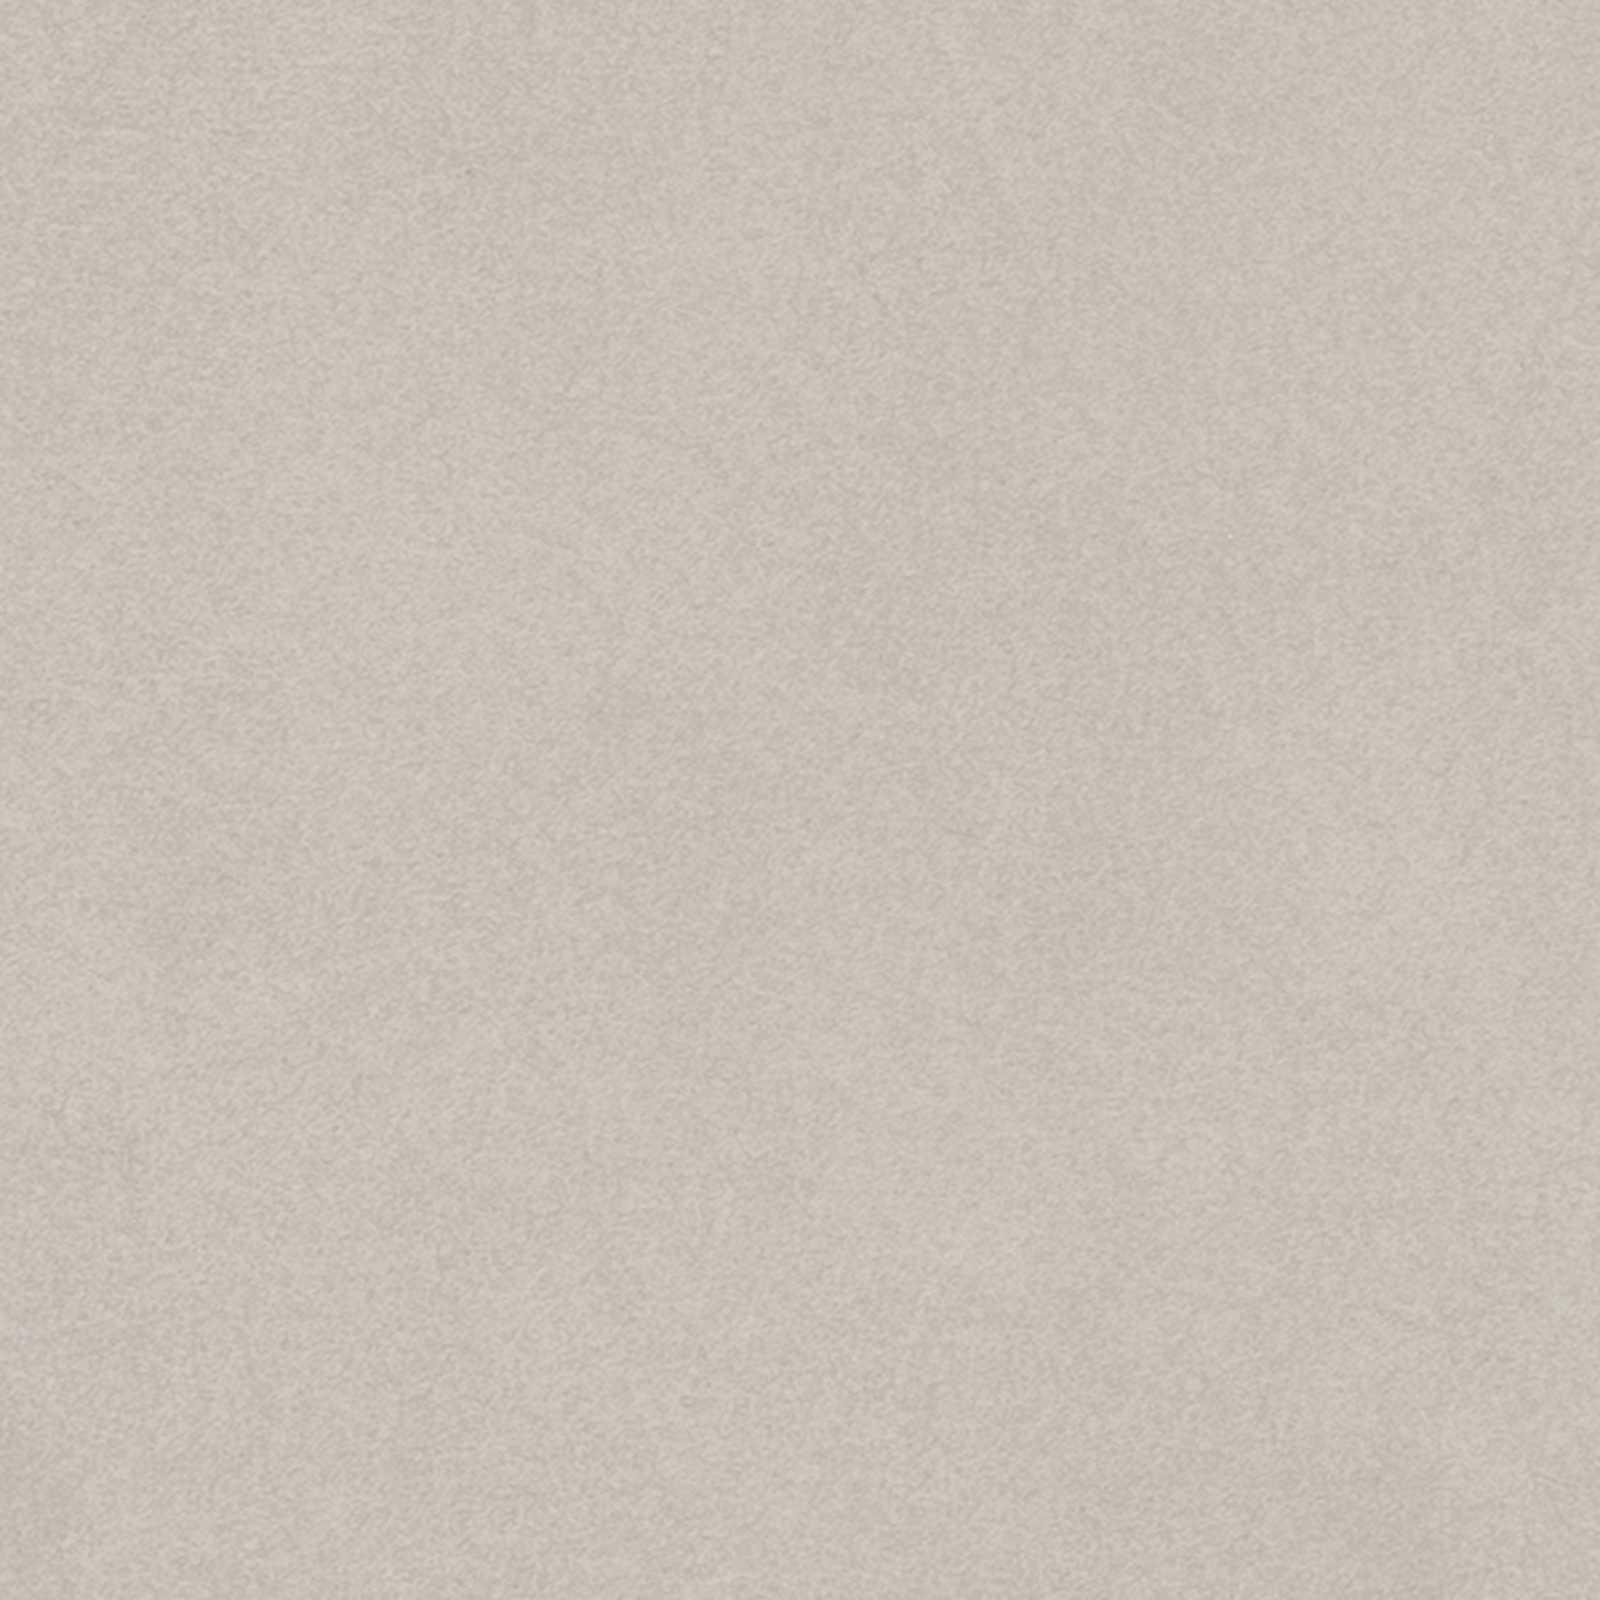 BLOCK   900X900 GREIGE - (Euro/Mq 38,06)